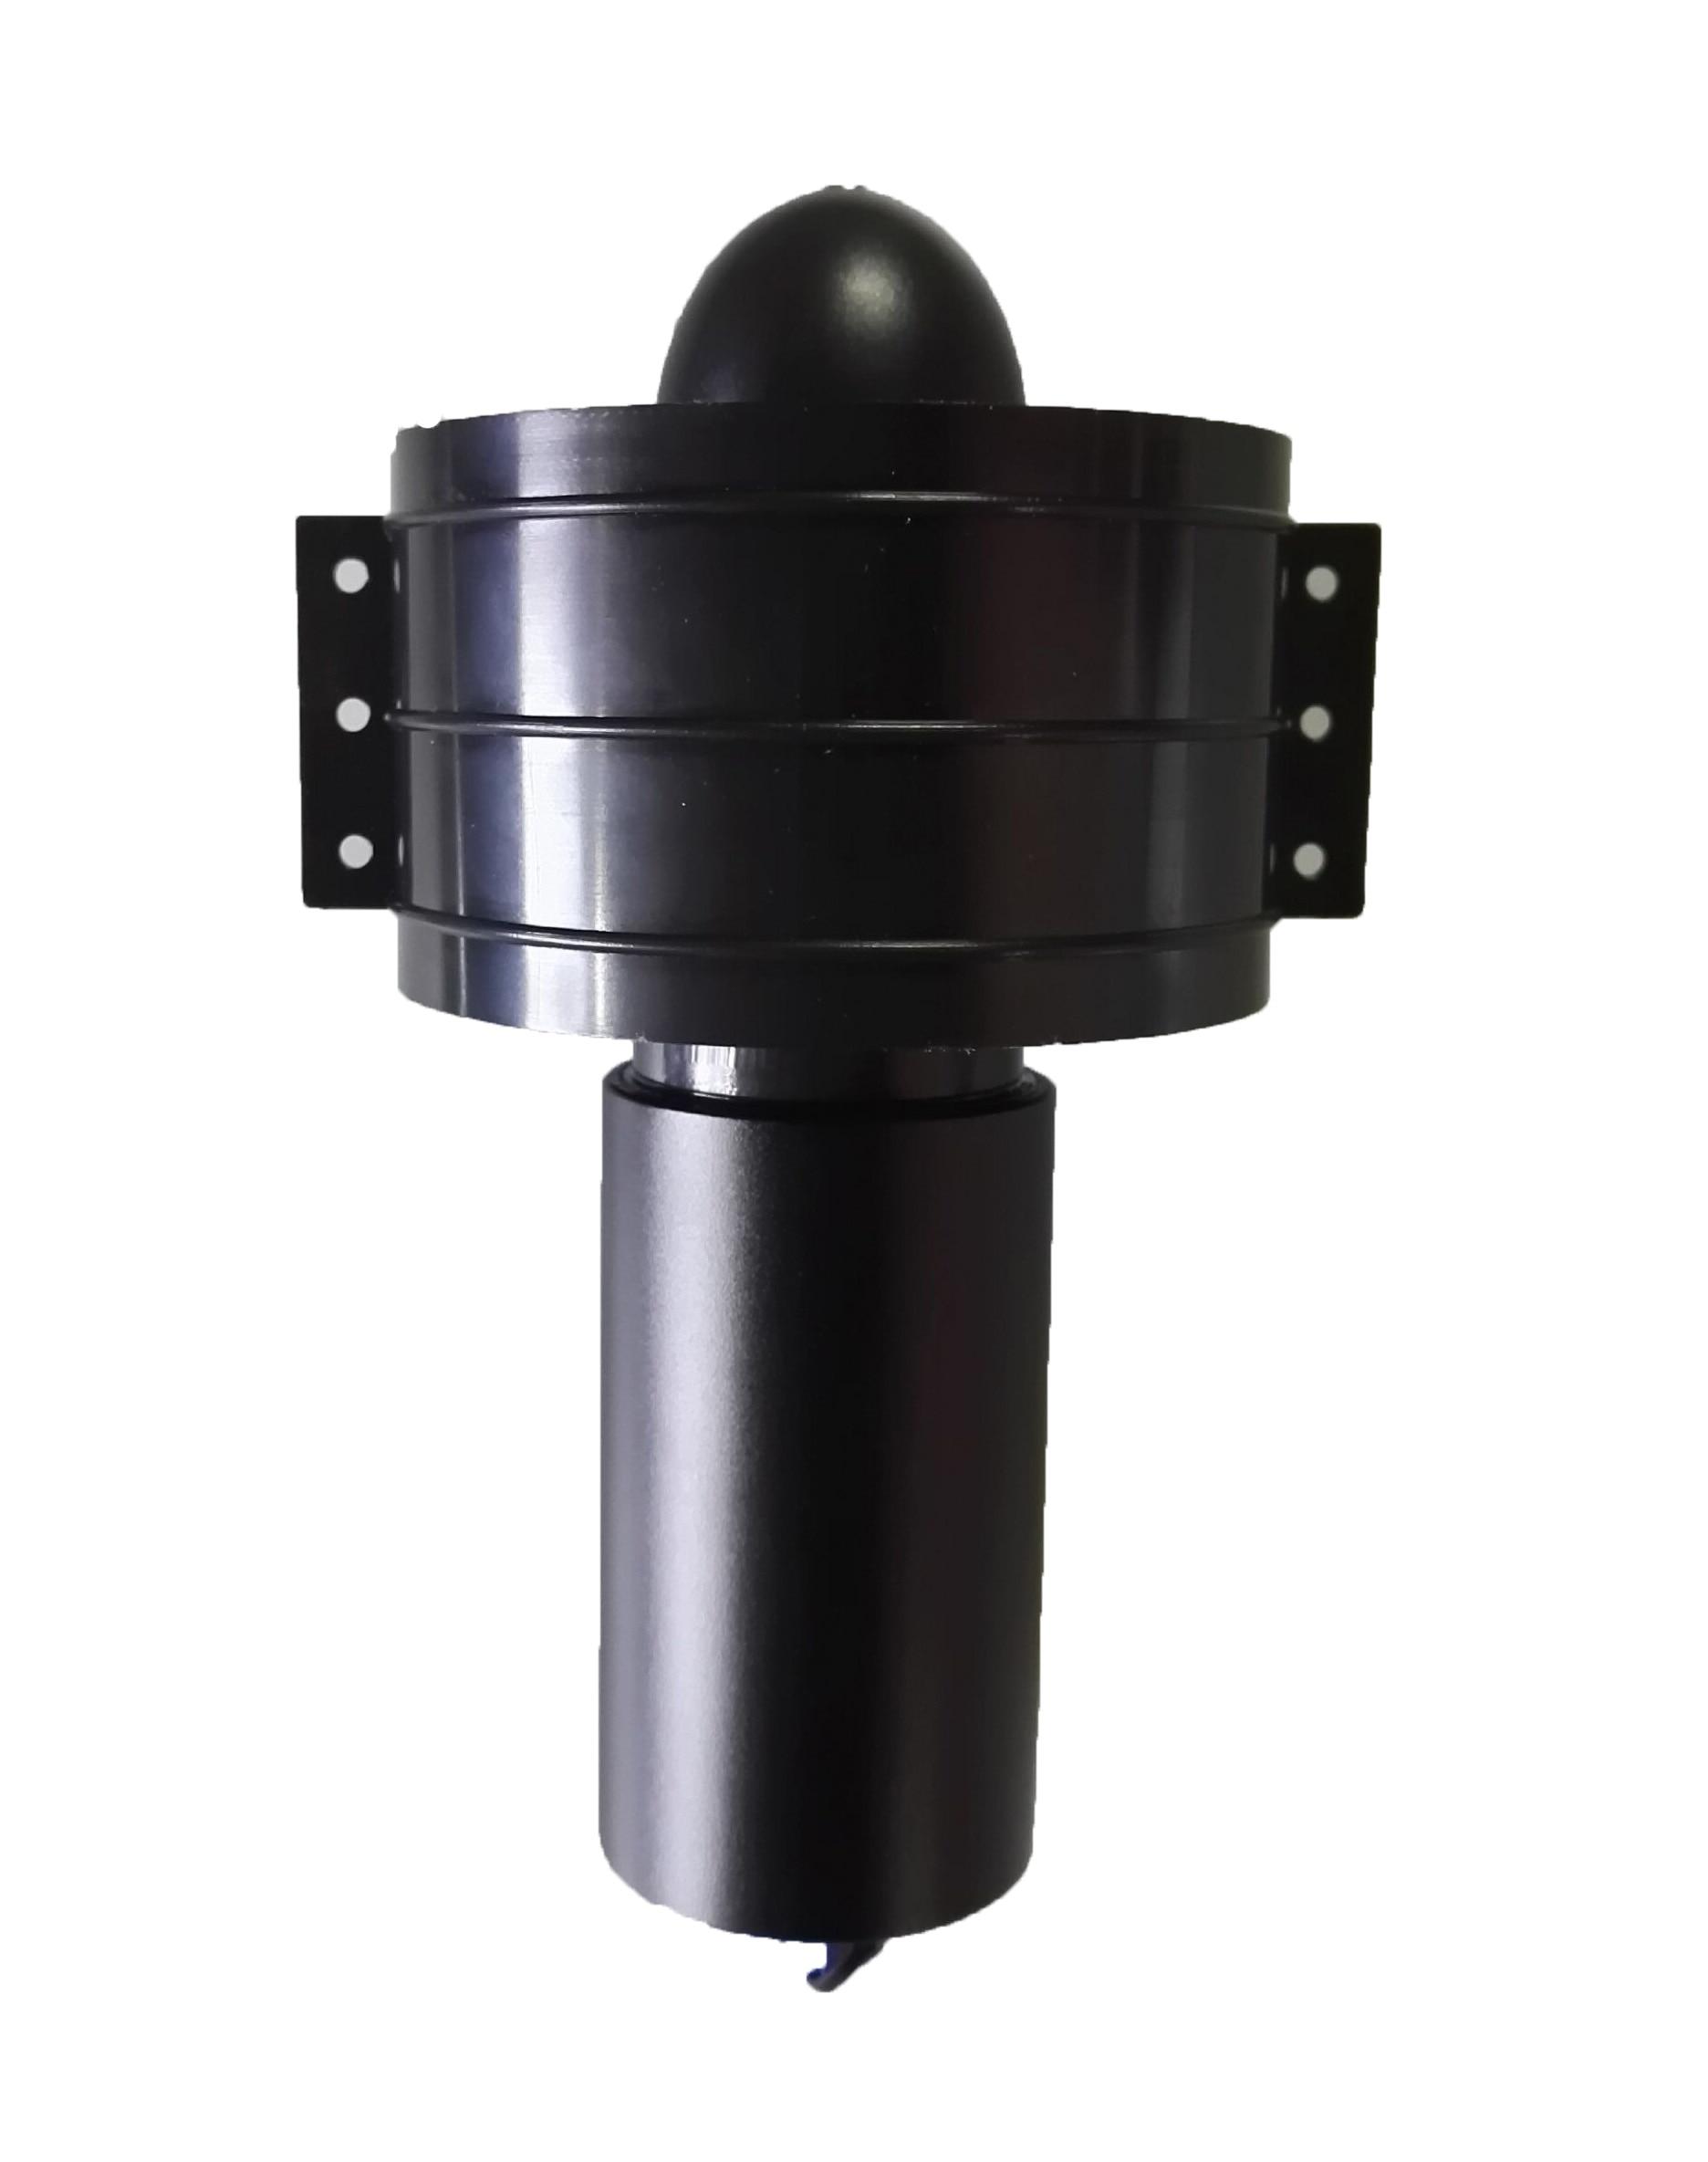 ROV Underwater Propeller Underwater Motor Unmanned Ship Thruster